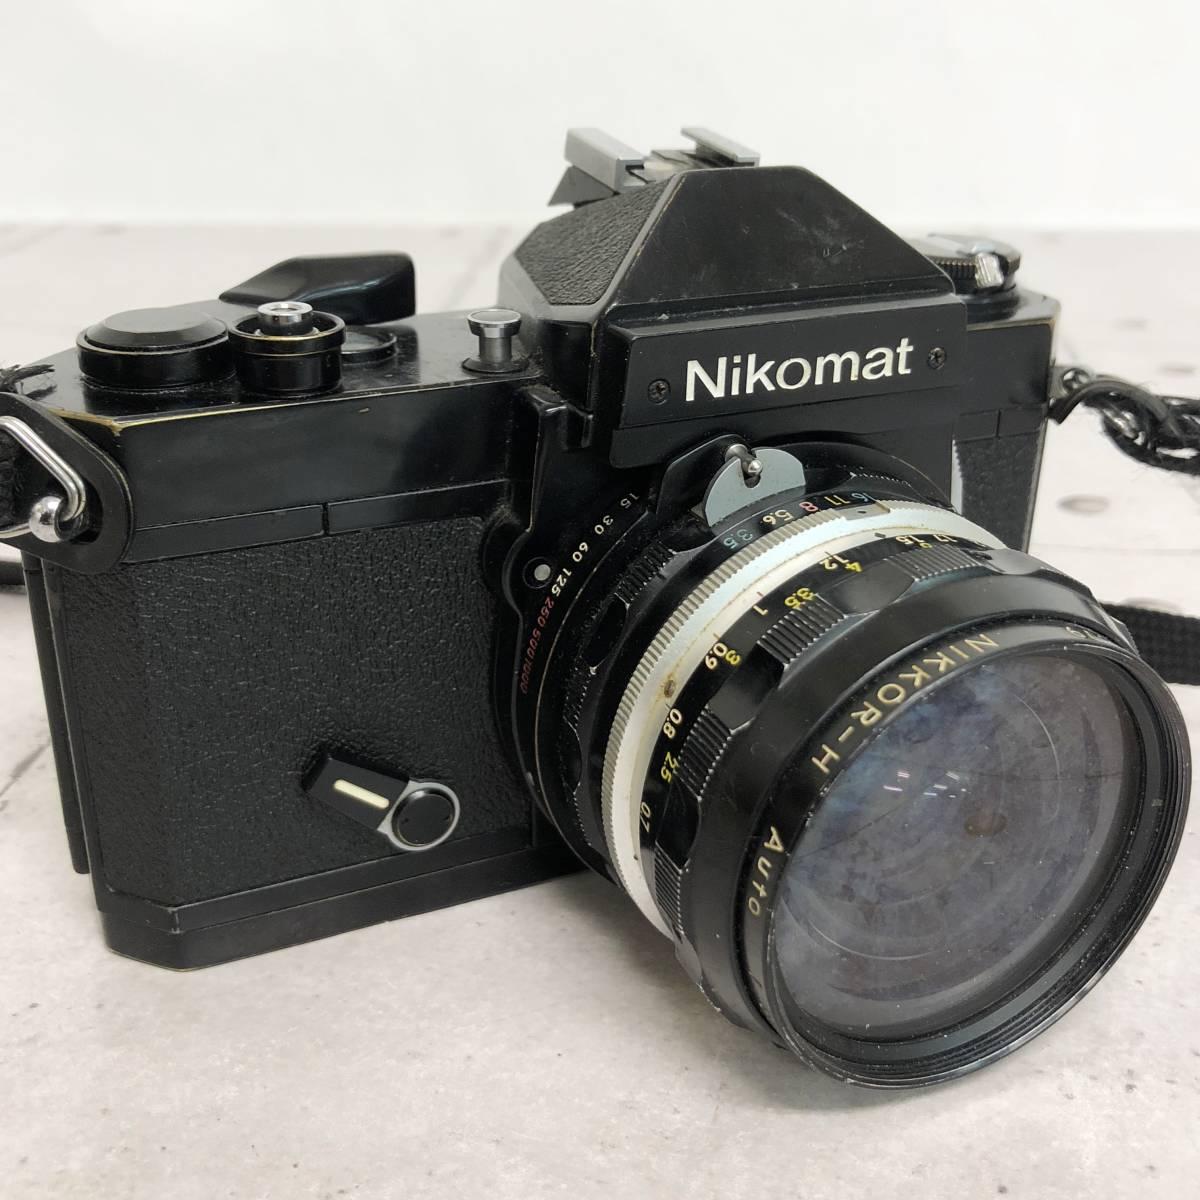 ニコン ニコマット カメラ 5台セット(ニコマット×2台・ニコンF・ニコン F-401)動作未確認 ジャンク品_画像5